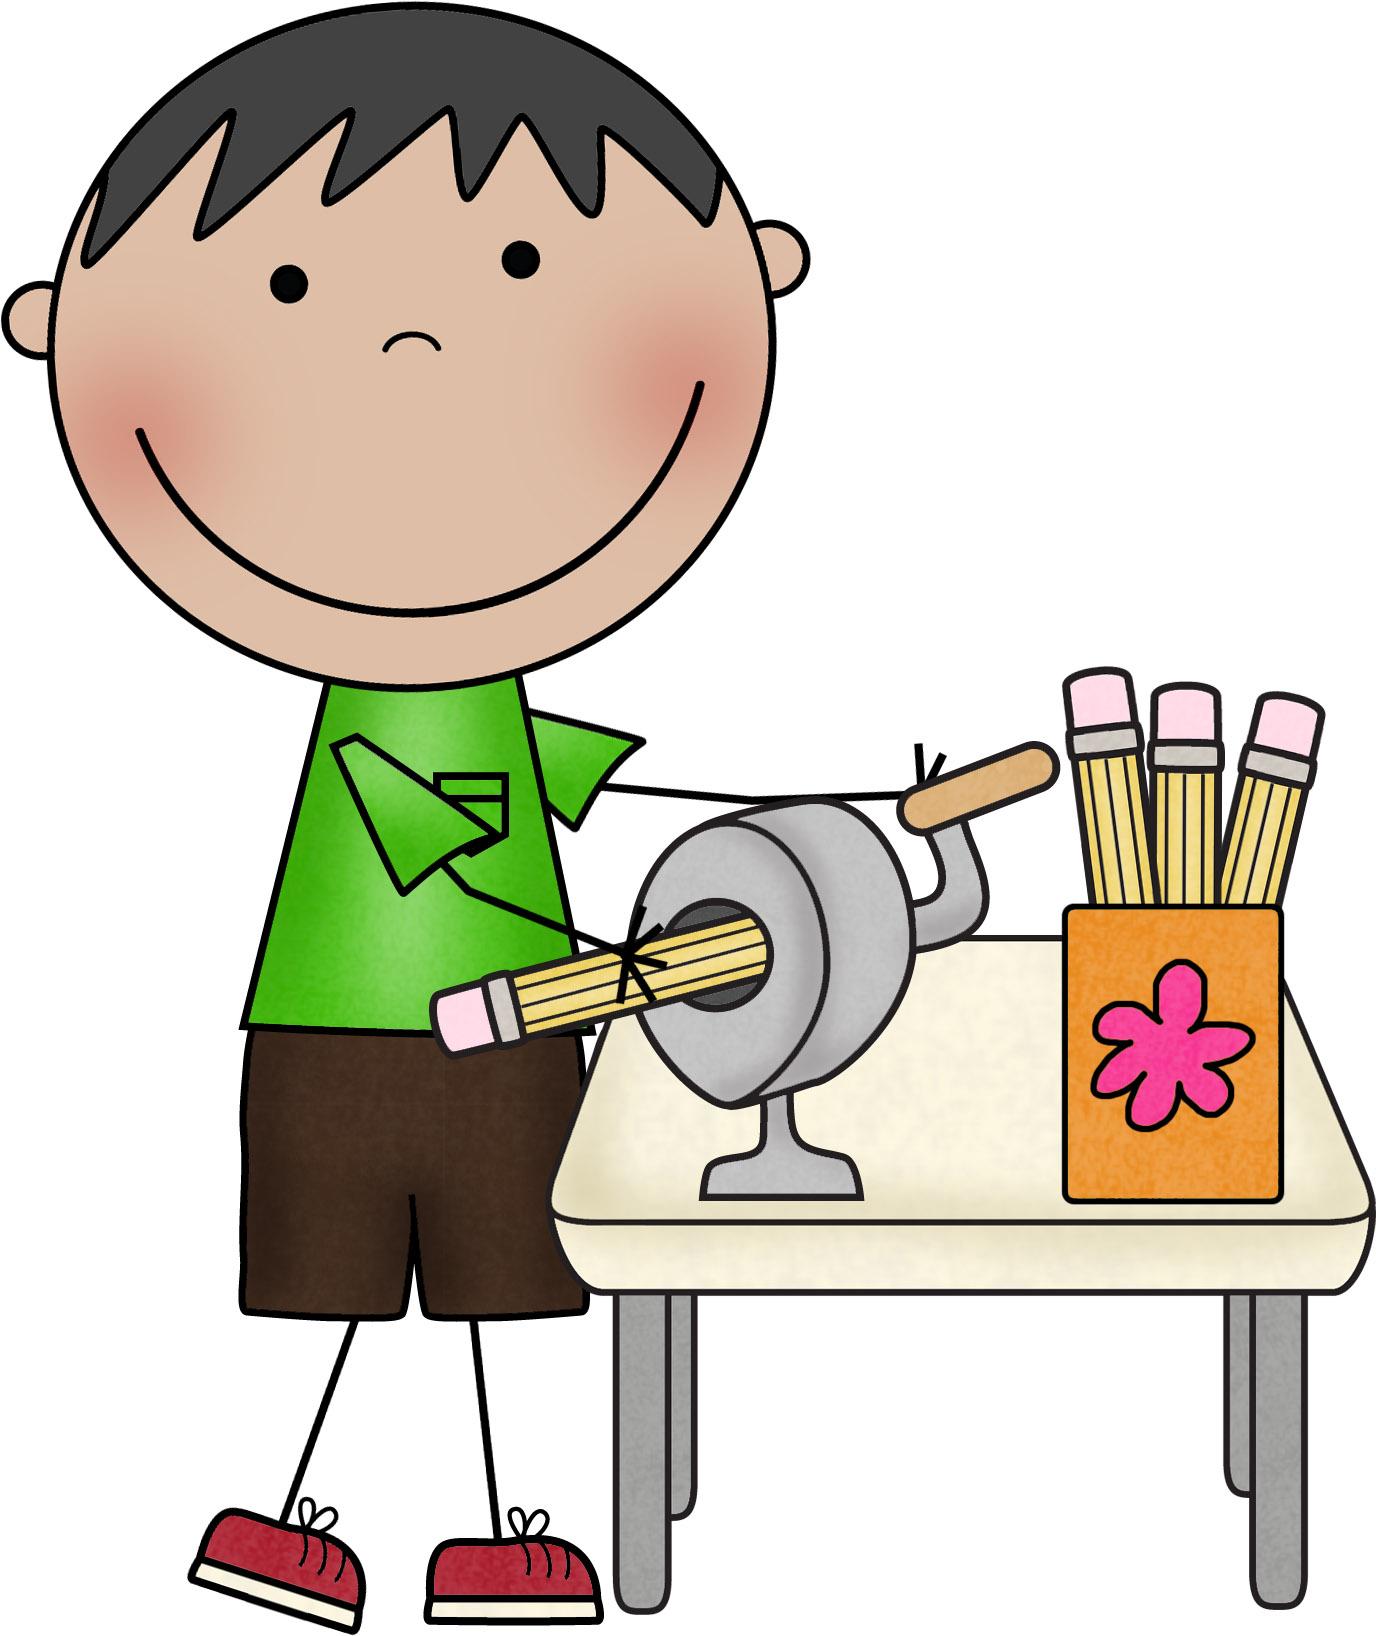 Classroom helper clipart messenger jpg royalty free download Classroom helper clipart messenger - ClipartFest jpg royalty free download